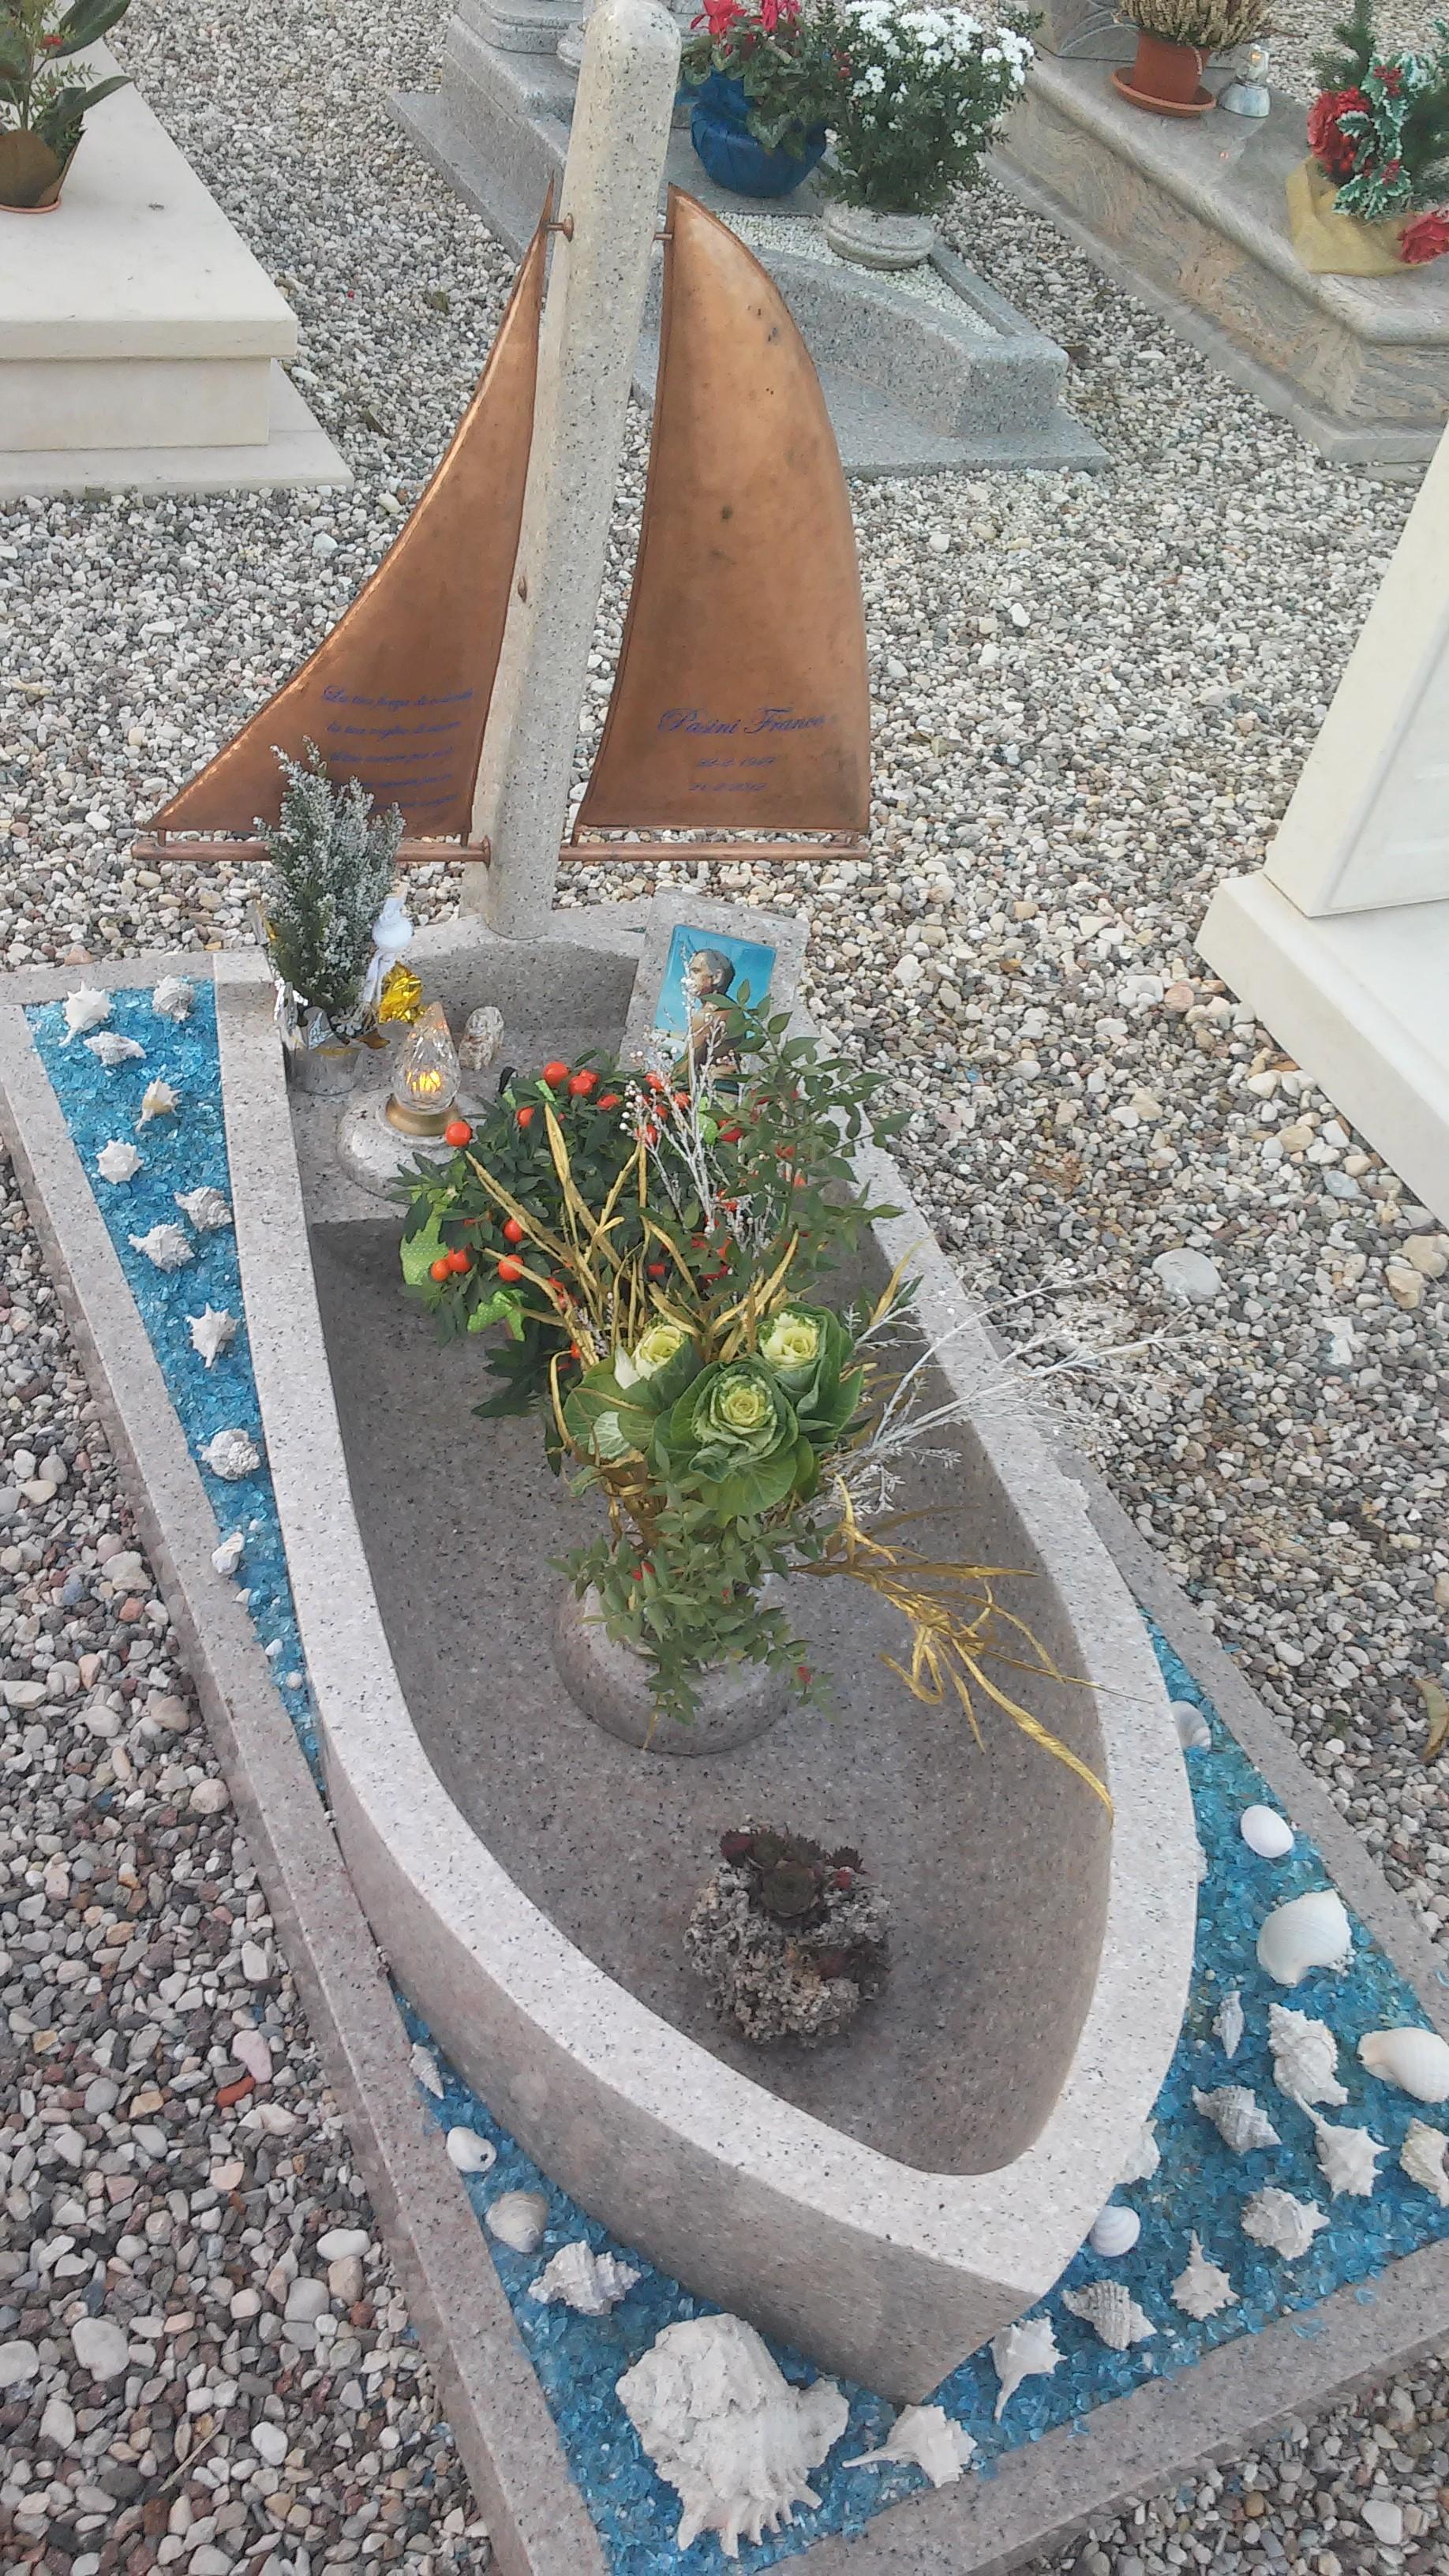 Tomba a forma di barca a vela e con foto da nudista del morto. Itali omnes athei, totalmente scristianizzati. Cimitero di Tregnago (Vr) 2